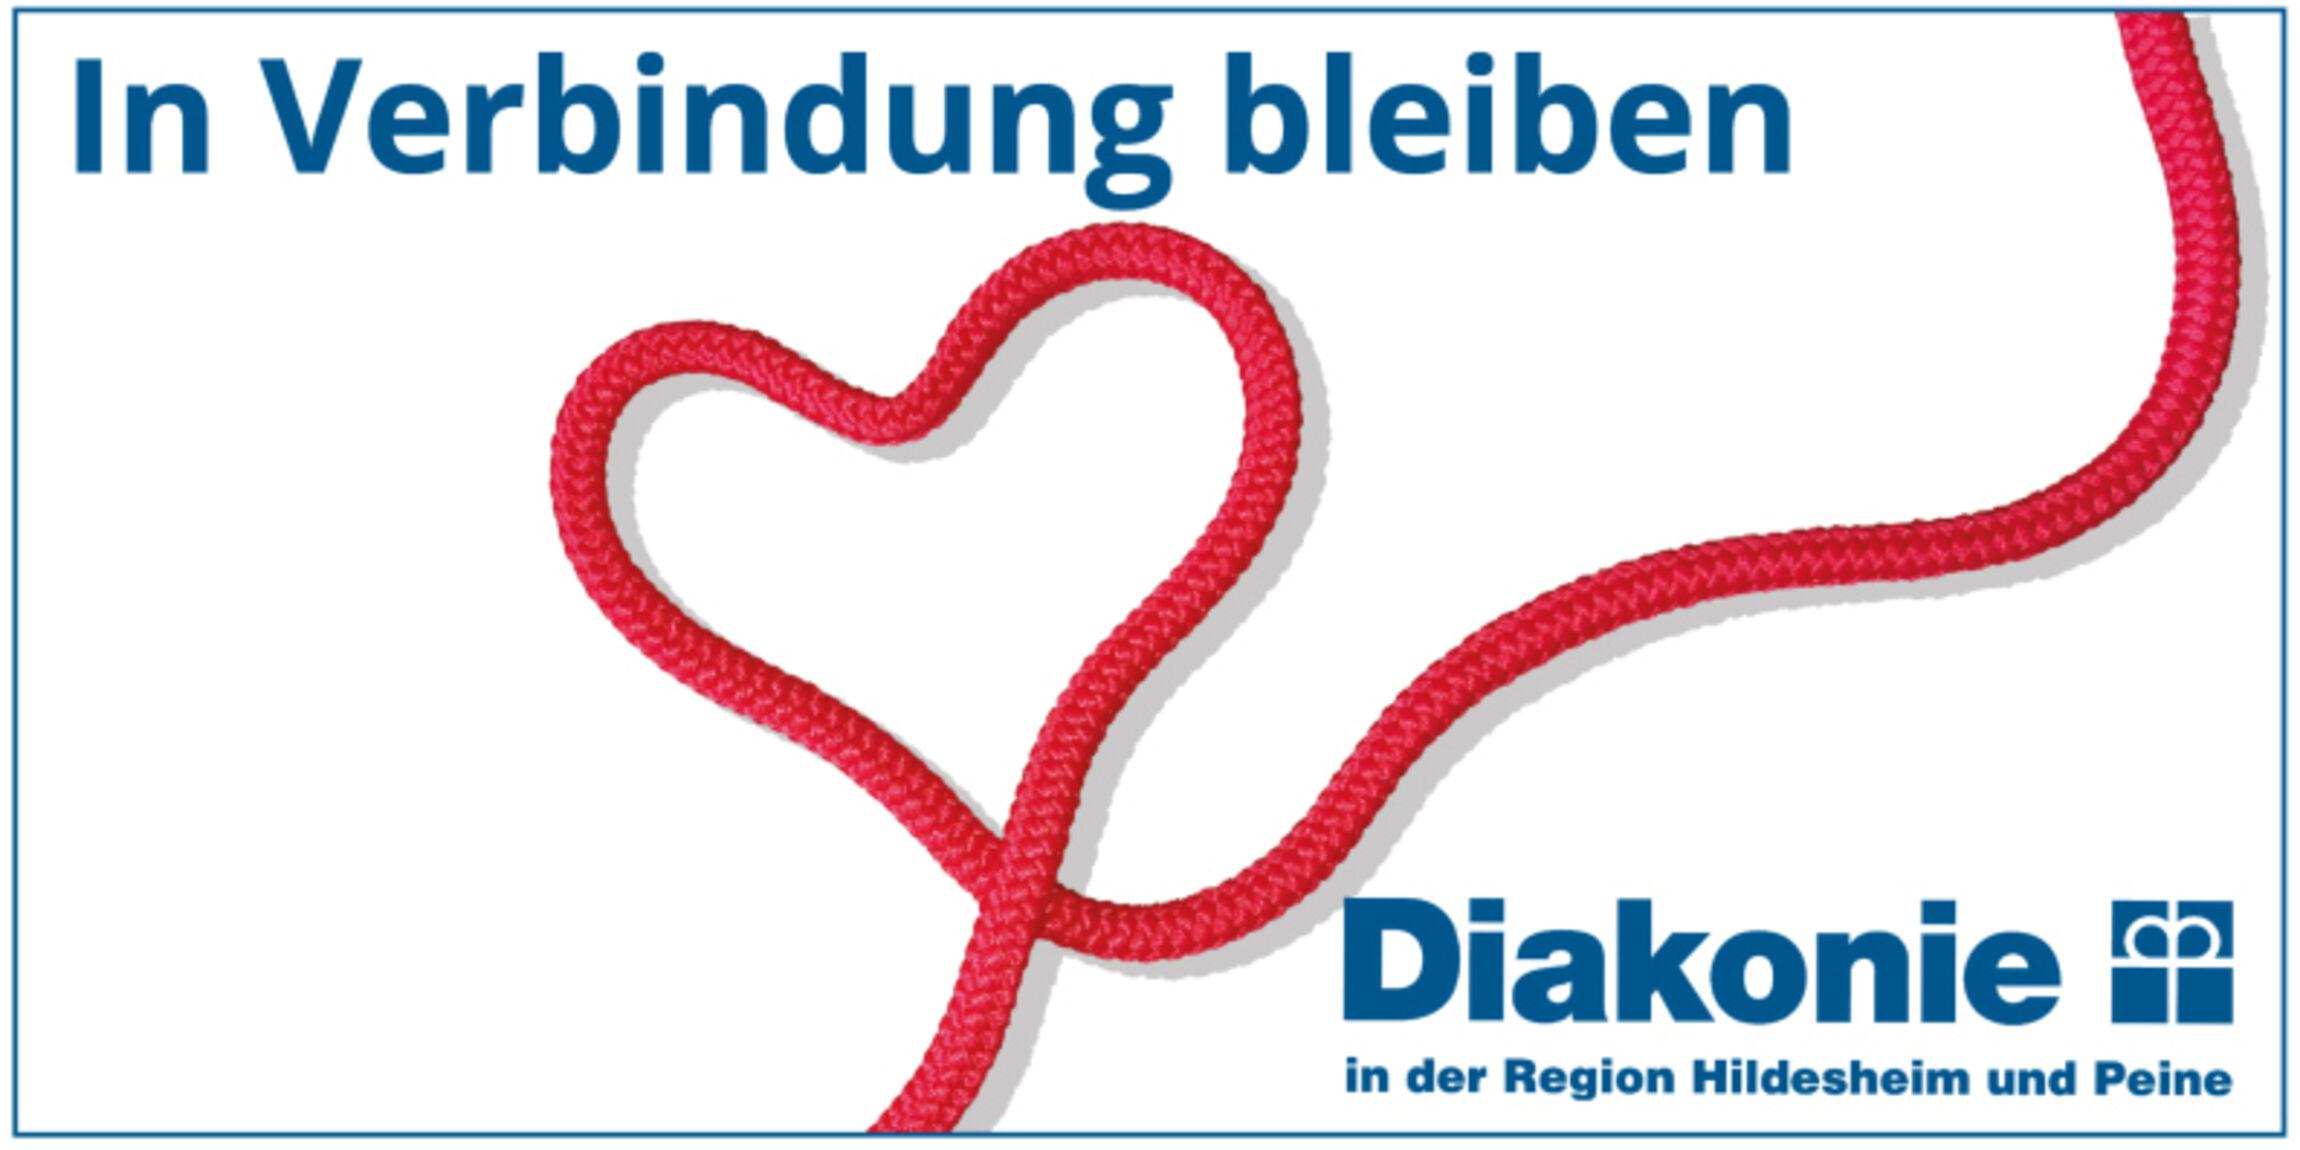 Signatur 2021 - Diakonie in der Region Hildesheim und Peine